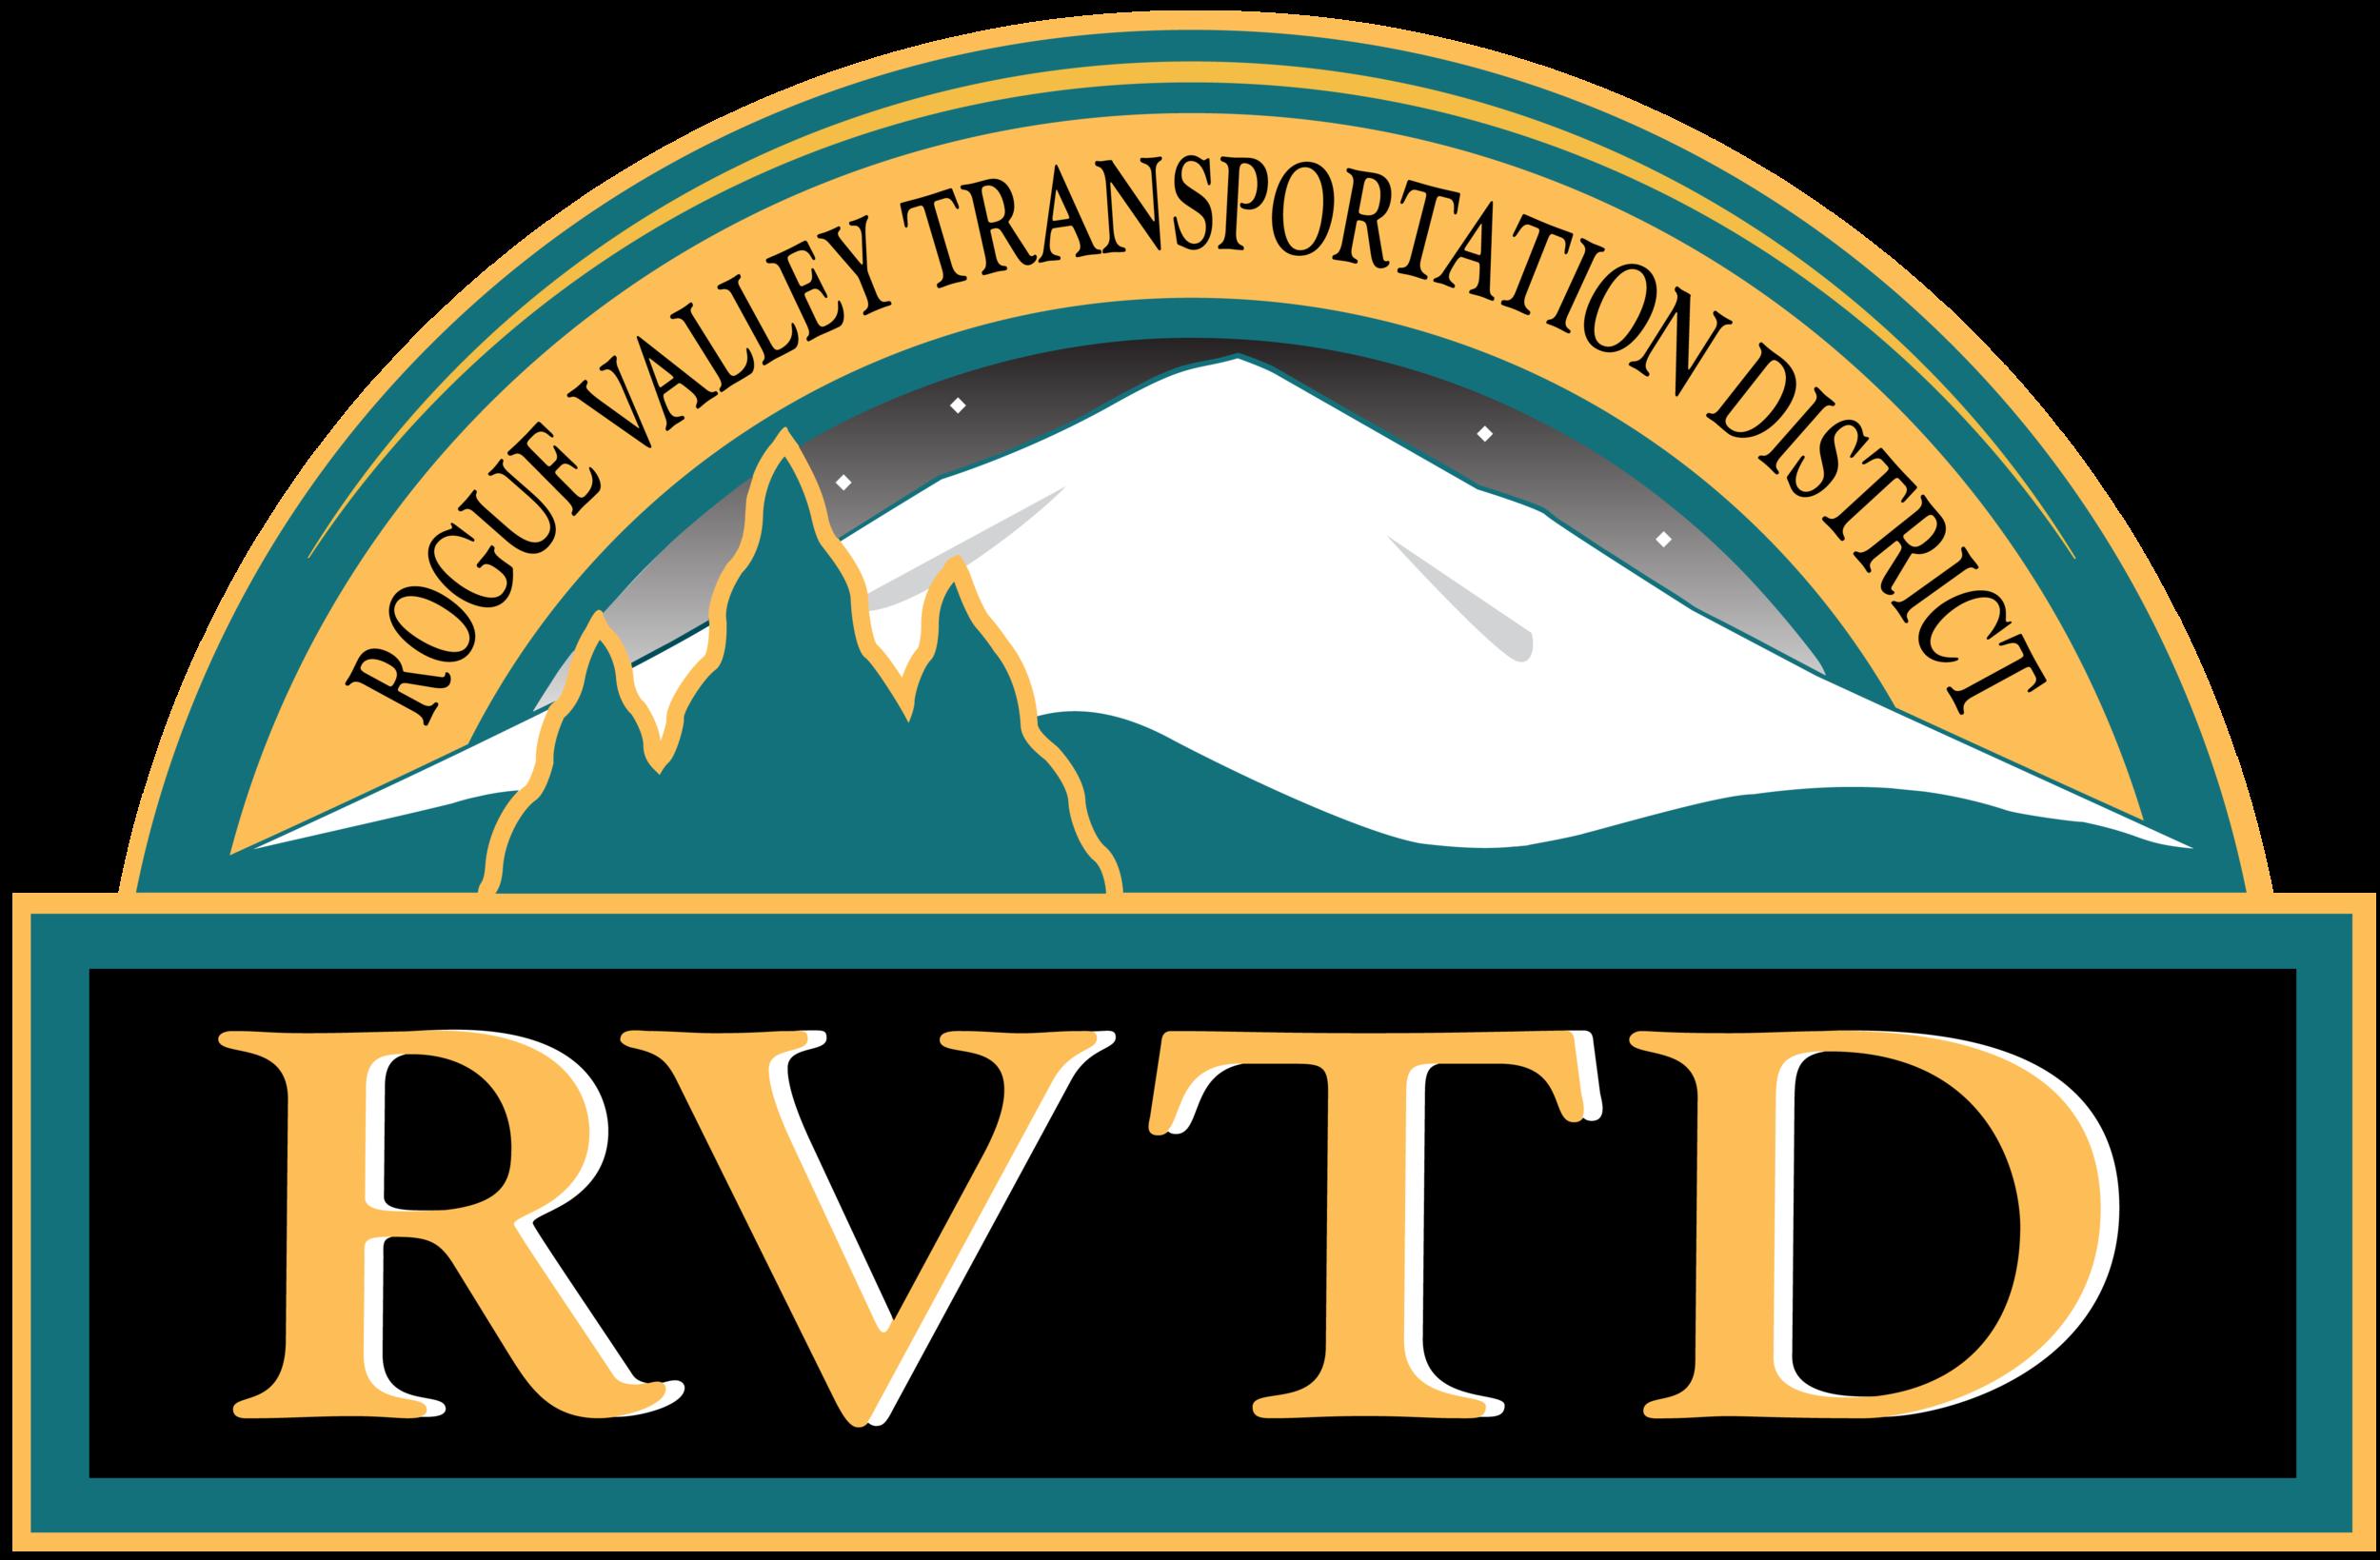 RVTD Logo _8.9.2017.png